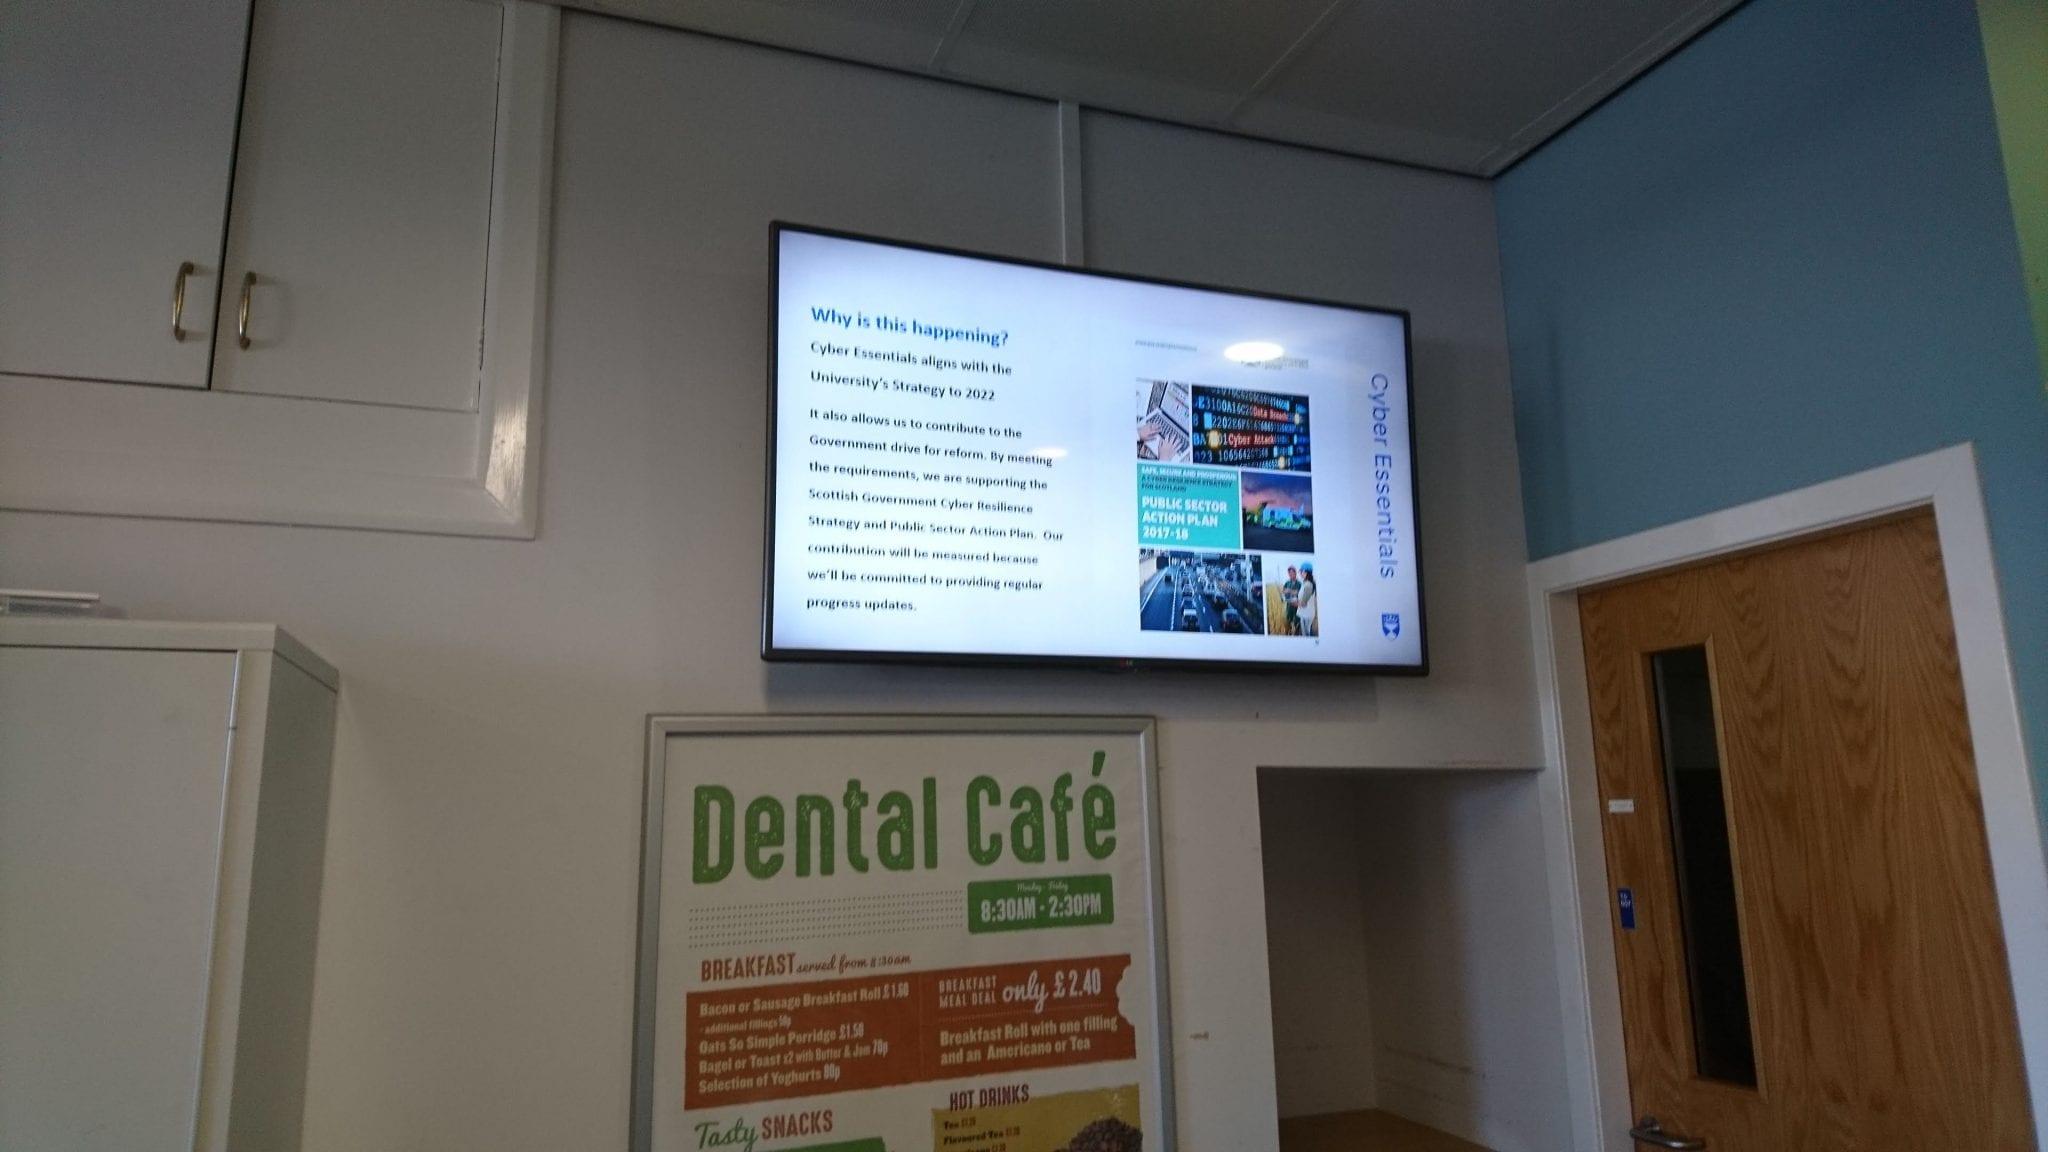 digital signage in the dental cafe